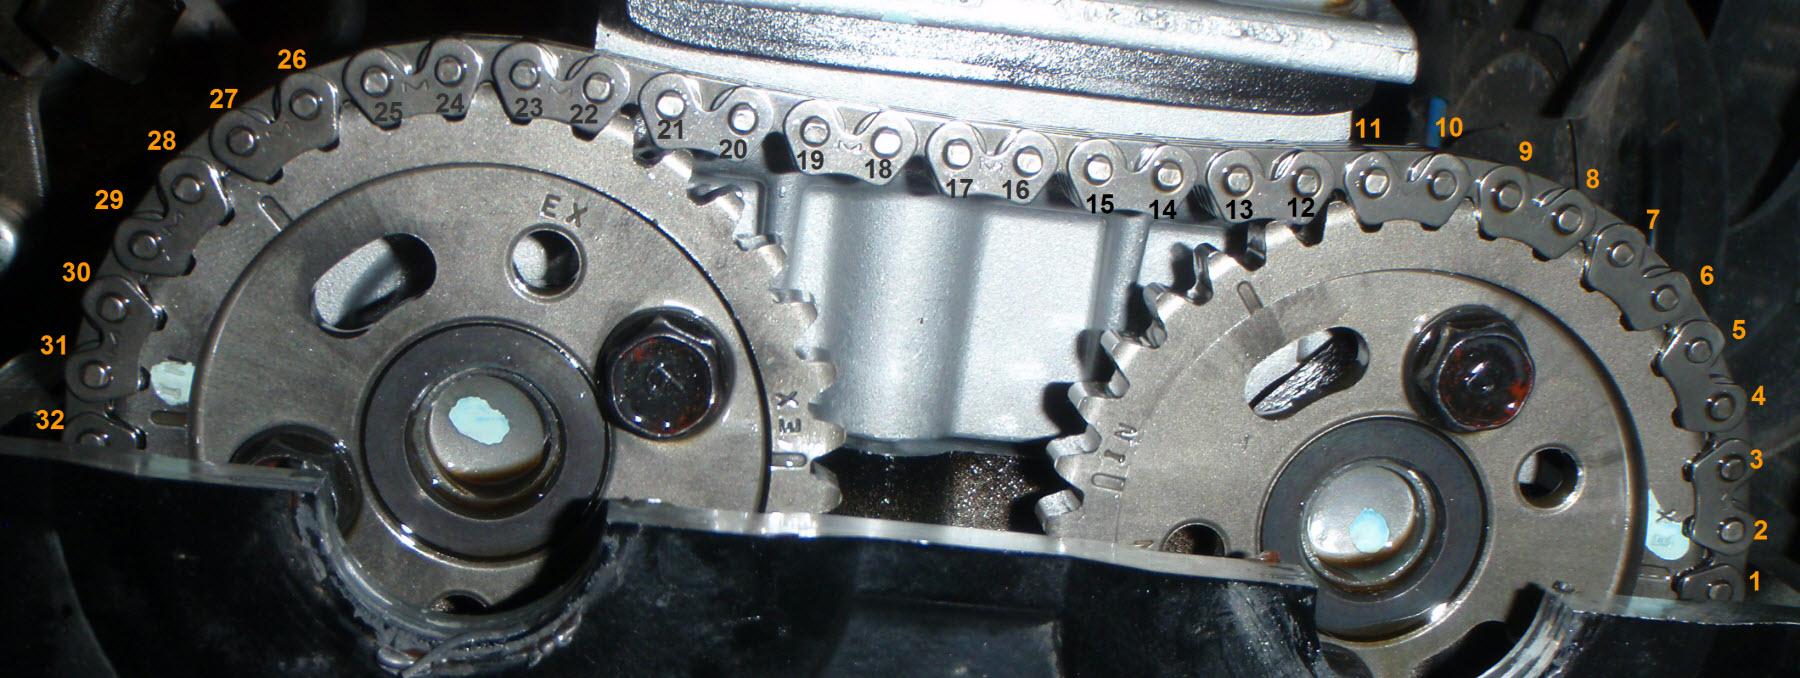 Versys 650 2009 65000km Not Starting Kawasaki Forum Wiring Diagram